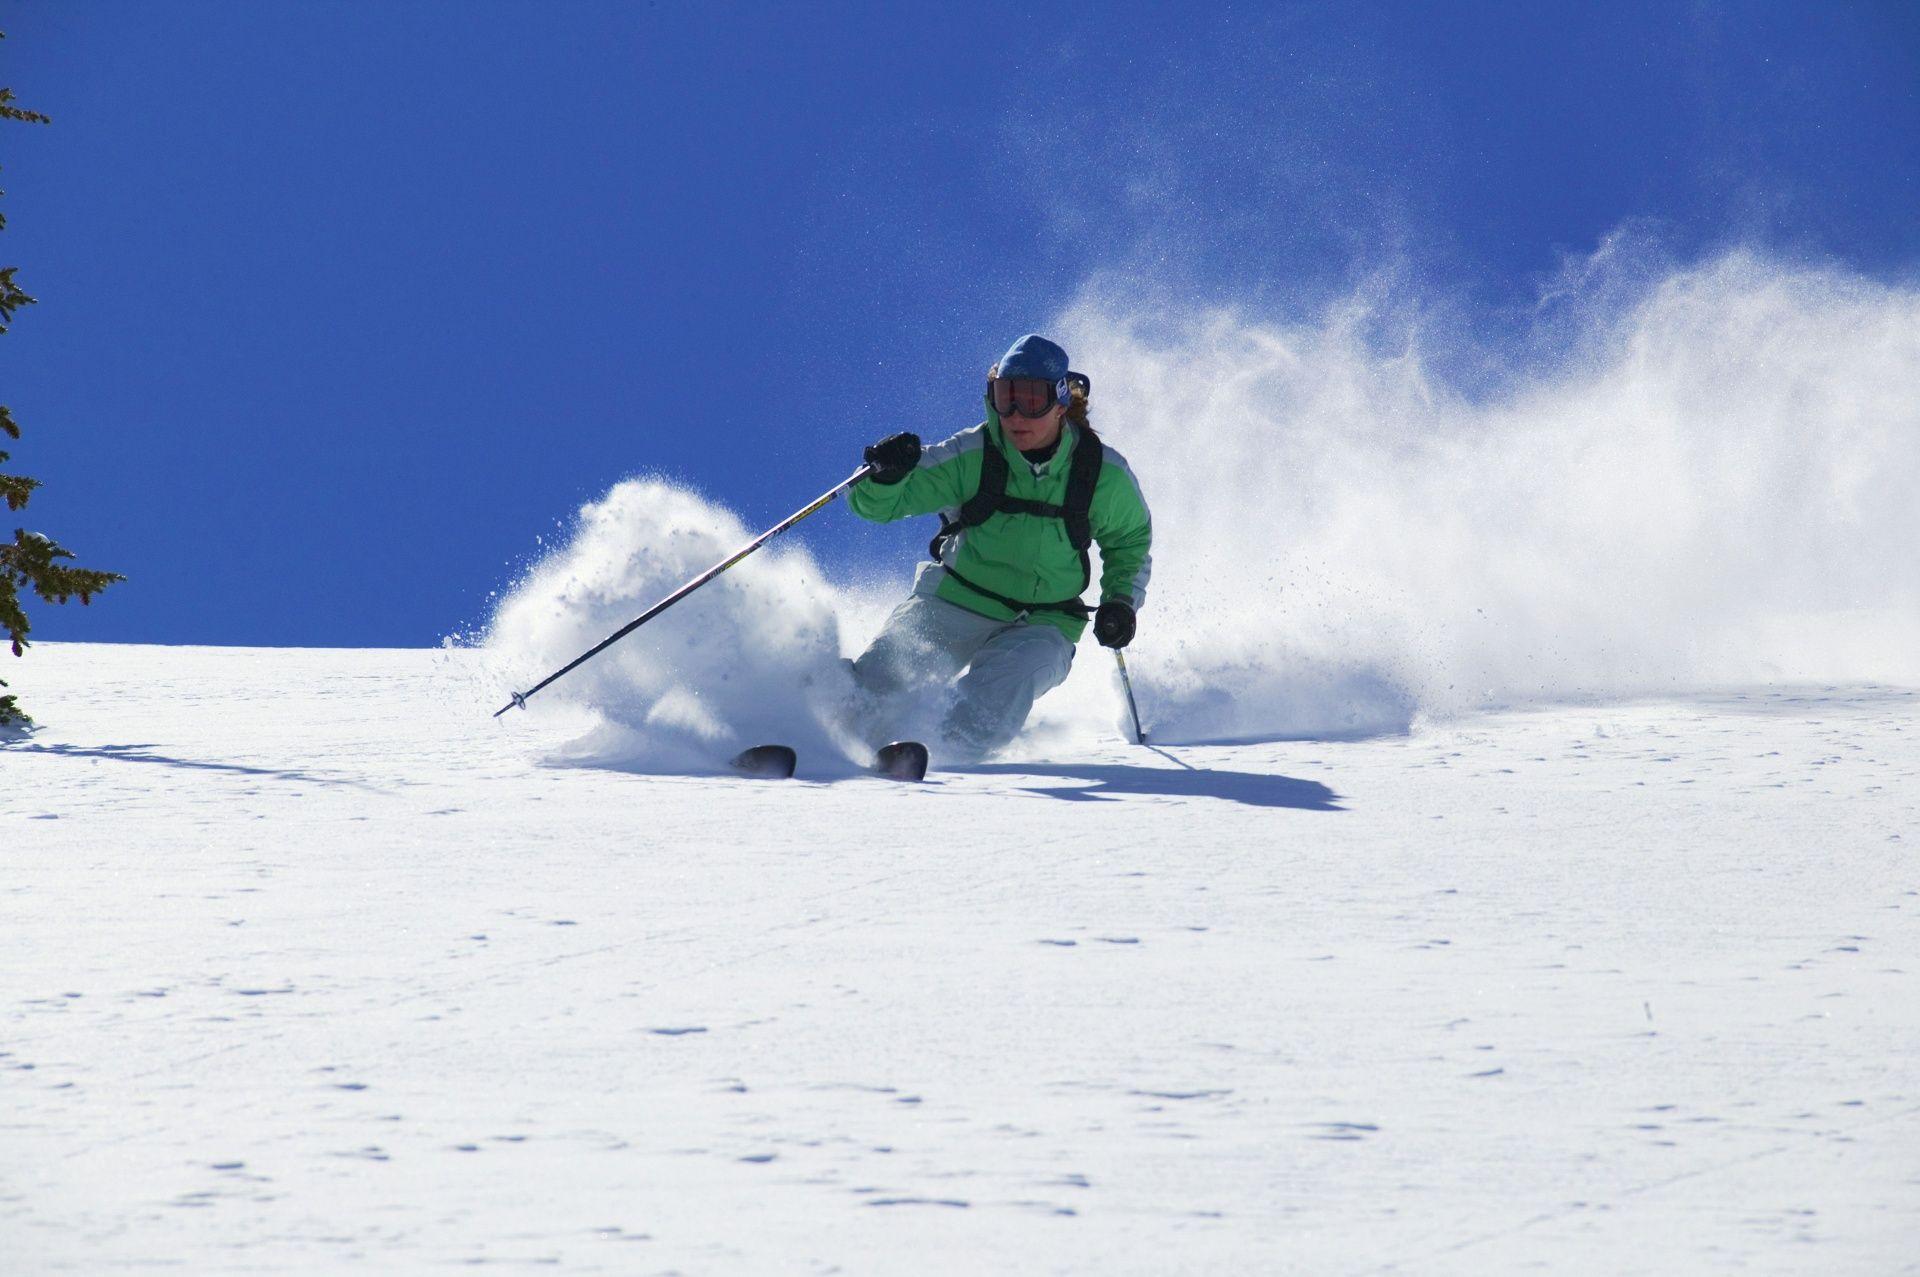 горные лыжи, советы начинающим, повязка на голову, бафф, шарф снуд